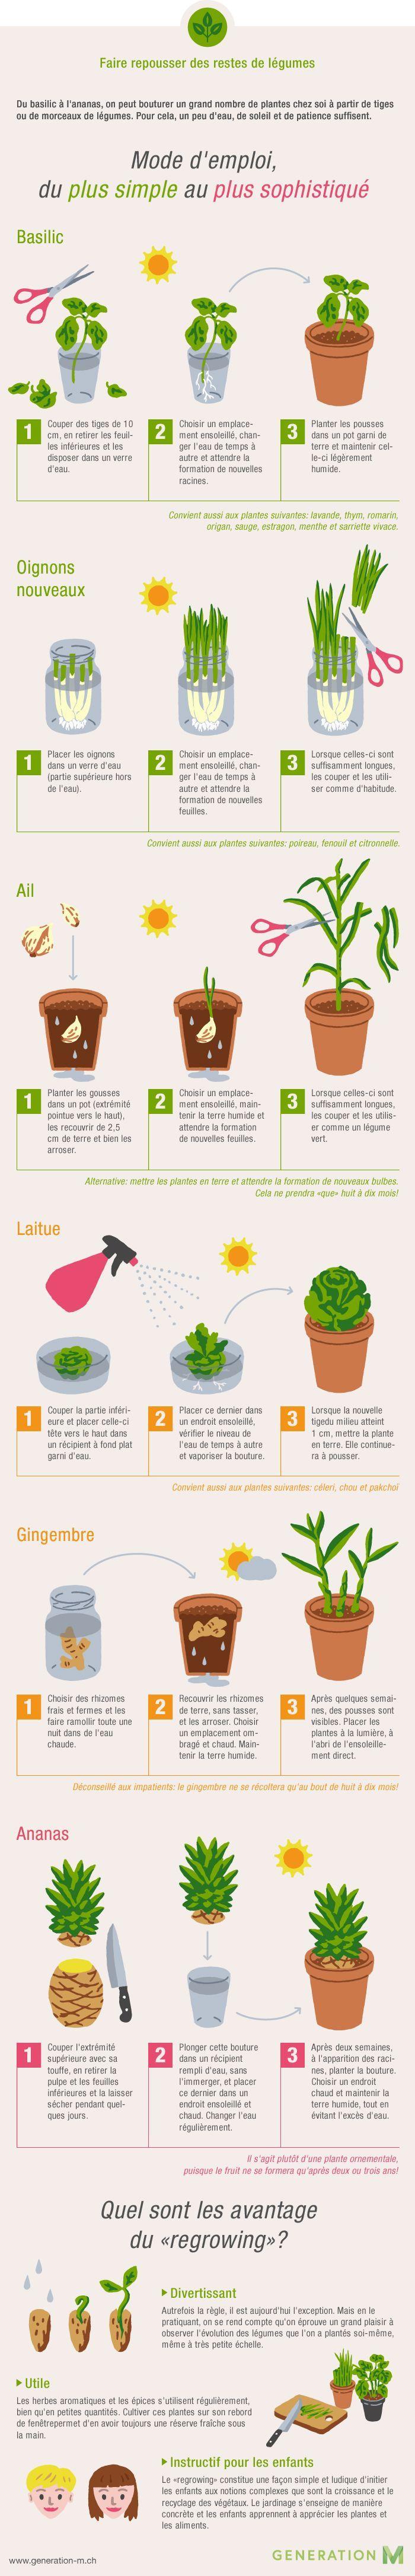 faire repousser les chutes de légumes